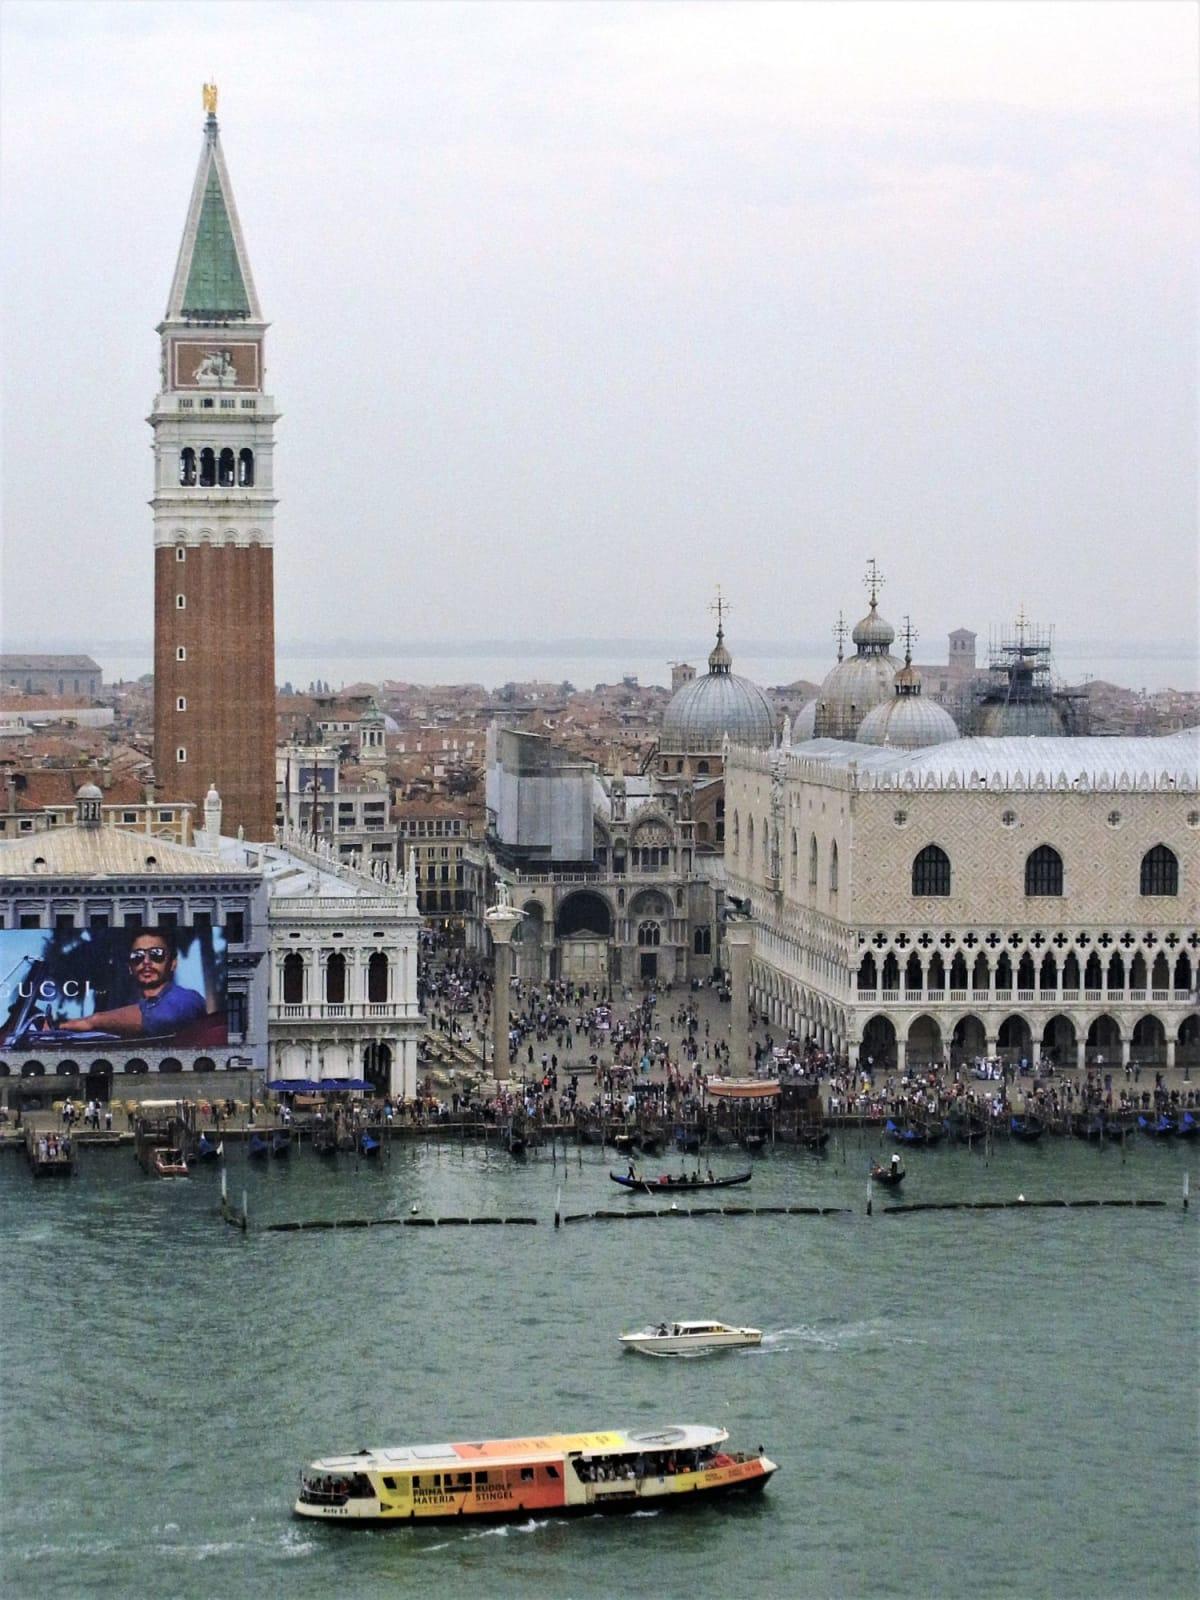 16階のベランダからサンマルコ広場を眼下に見ながらヴェネツィアを出航していく。 ヴァポレットからも手を振ってくれている。   ヴェネツィア